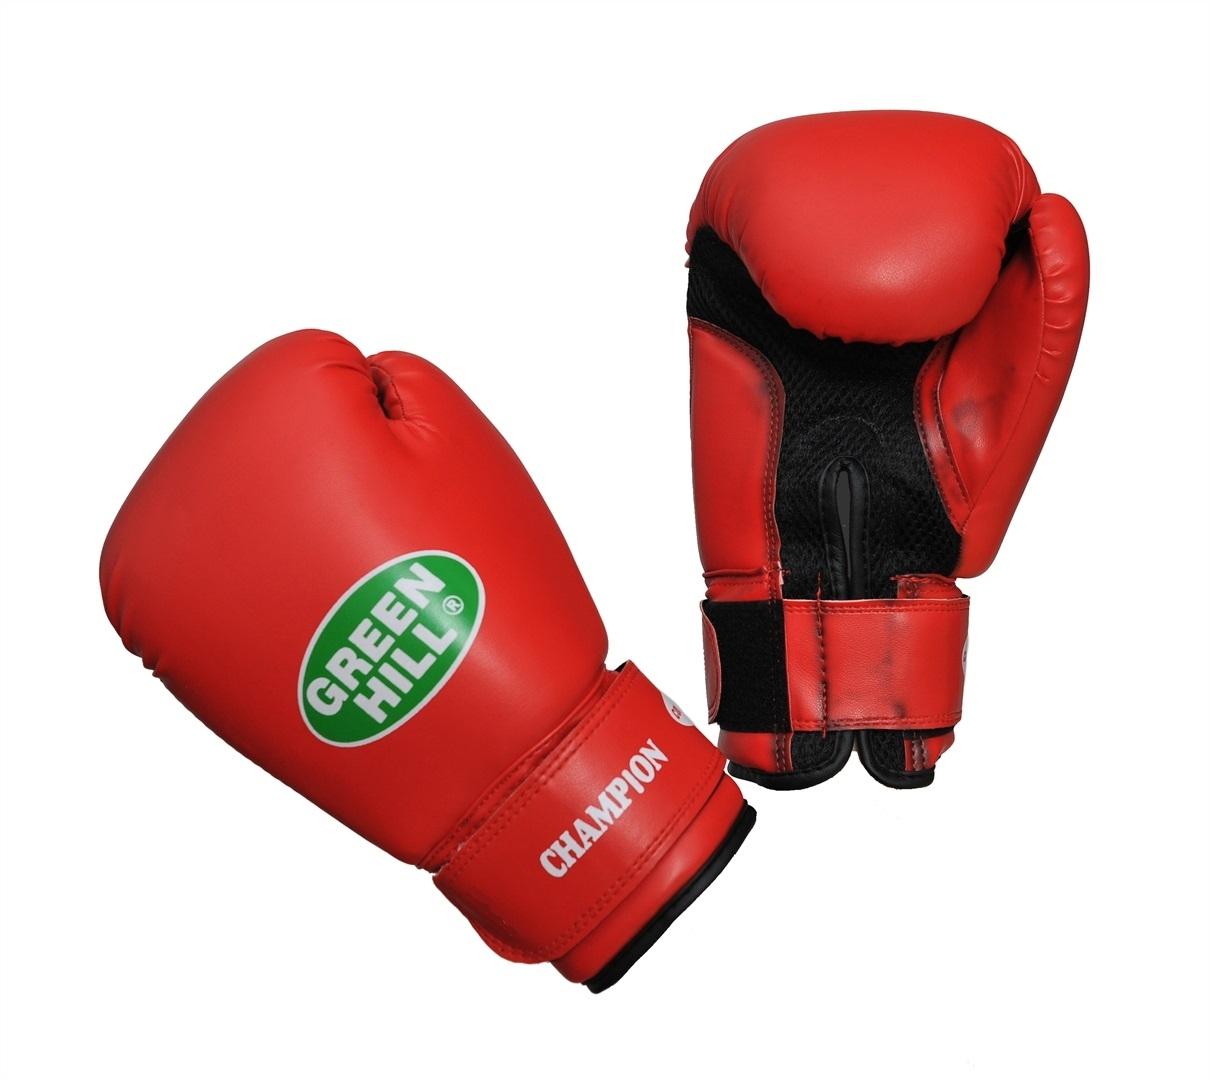 """Боксерские перчатки Green Hill """"Champion"""" предназначены для тренировок и соревнований. Верх выполнен из синтетической кожи, наполнитель - из пенополиуретана. Вставка из прочной замшевой сетки в области ладони позволяет создать максимально комфортный терморежим во время занятий. Перчатка хорошо проветривается благодаря системе воздухообмена. Широкий ремень, охватывая запястье, полностью оборачивается вокруг манжеты, благодаря чему создается дополнительная защита лучезапястного сустава от травмирования. Застежка на липучке способствует быстрому и удобному одеванию перчаток, плотно фиксирует перчатки на руке."""